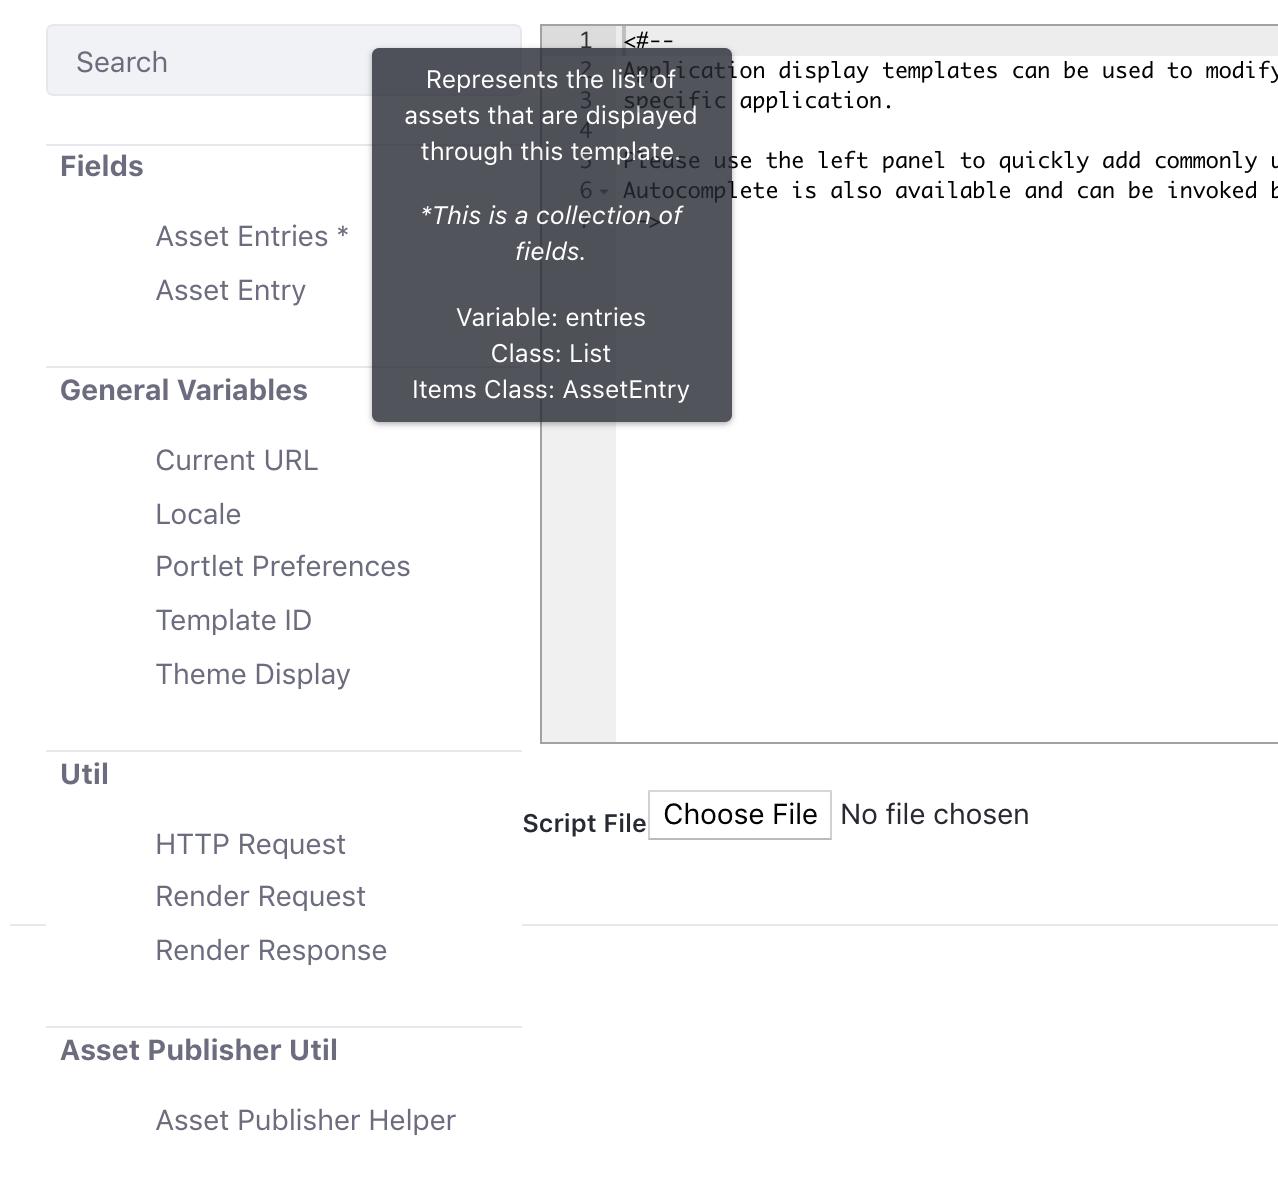 Figure 2: Liferay offers a versatile script editor to customize your widget template.